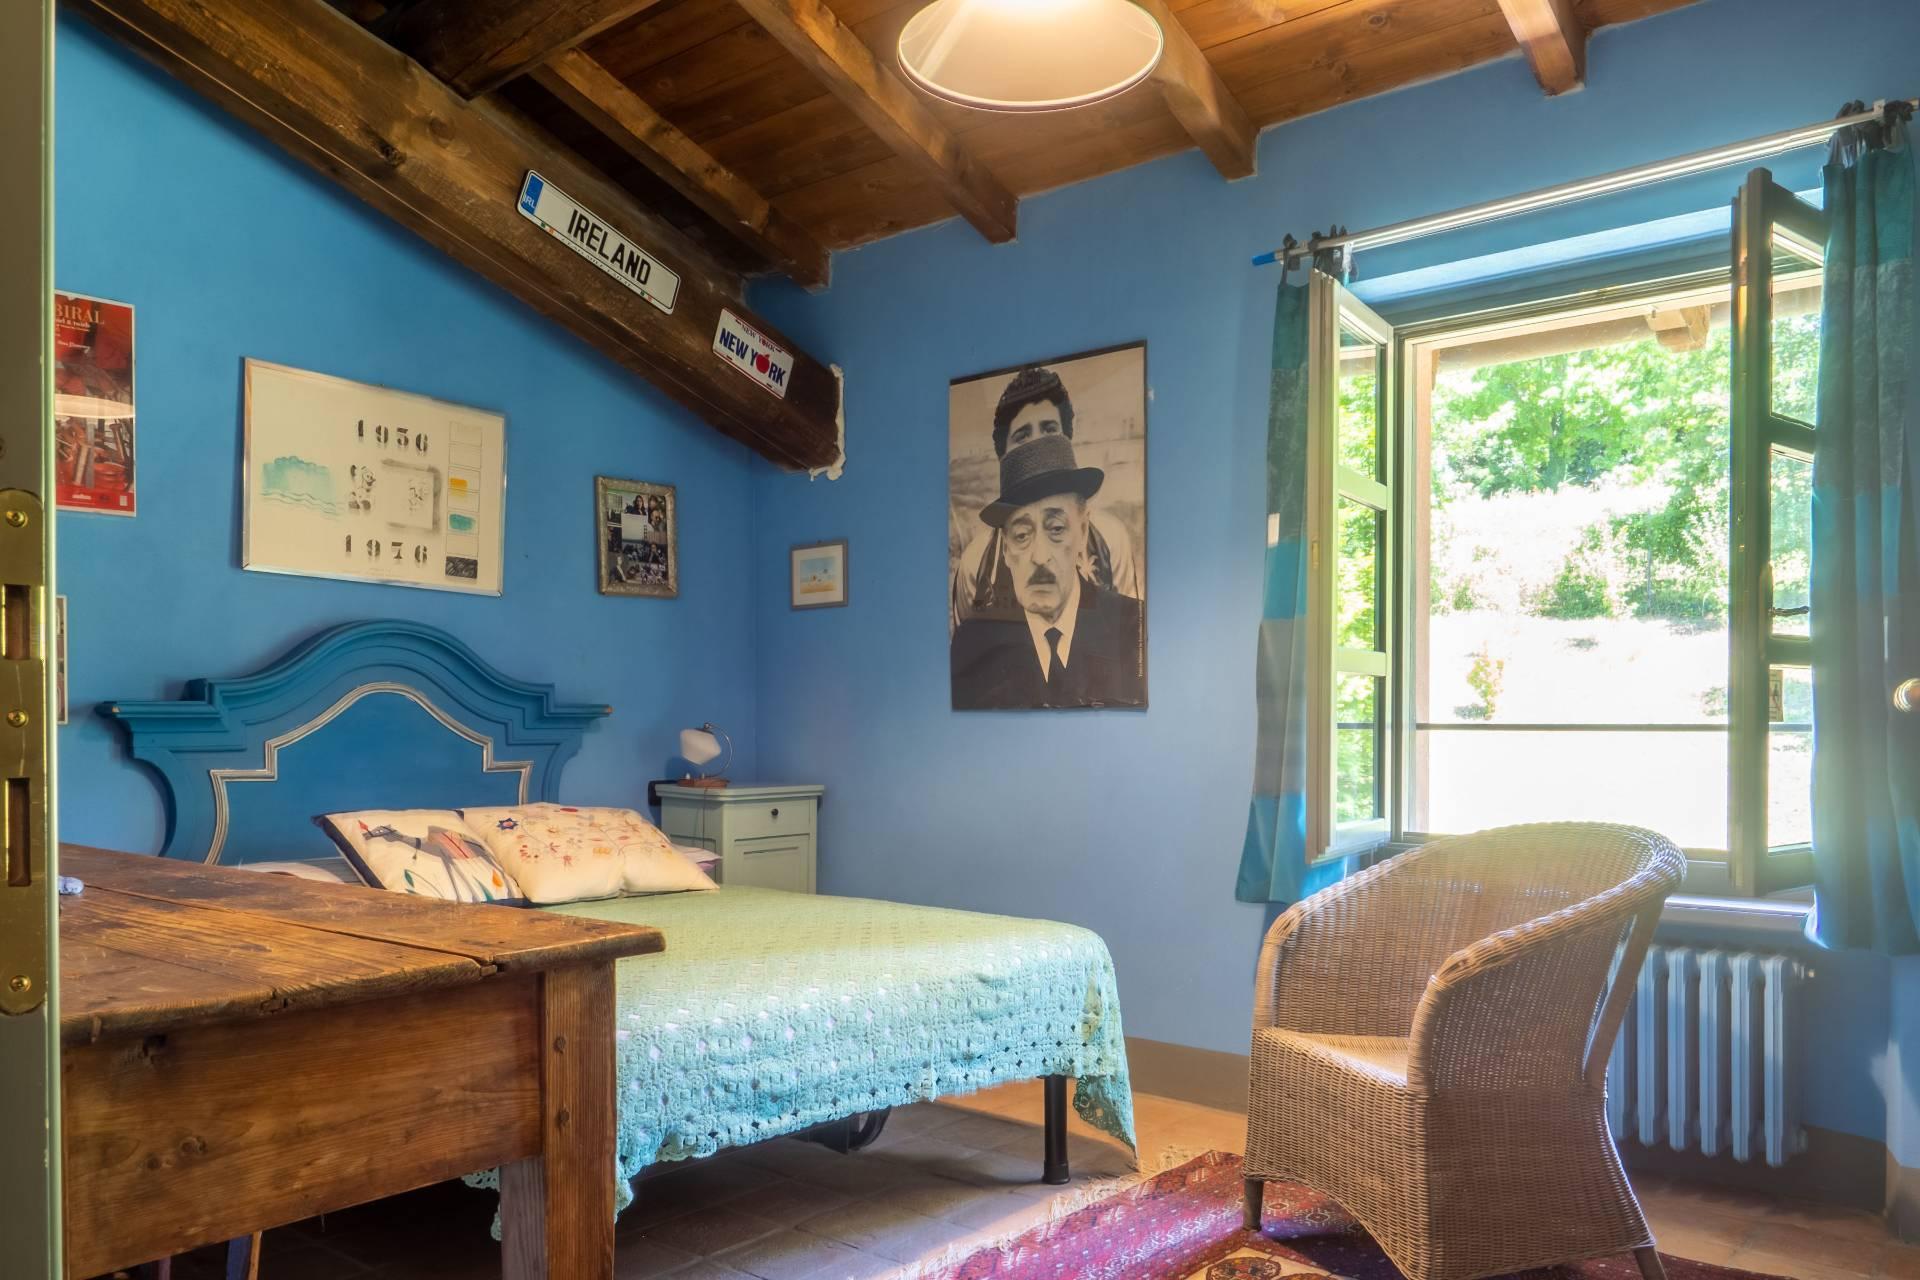 Rustico in Vendita a Ponzano Monferrato: 5 locali, 560 mq - Foto 11